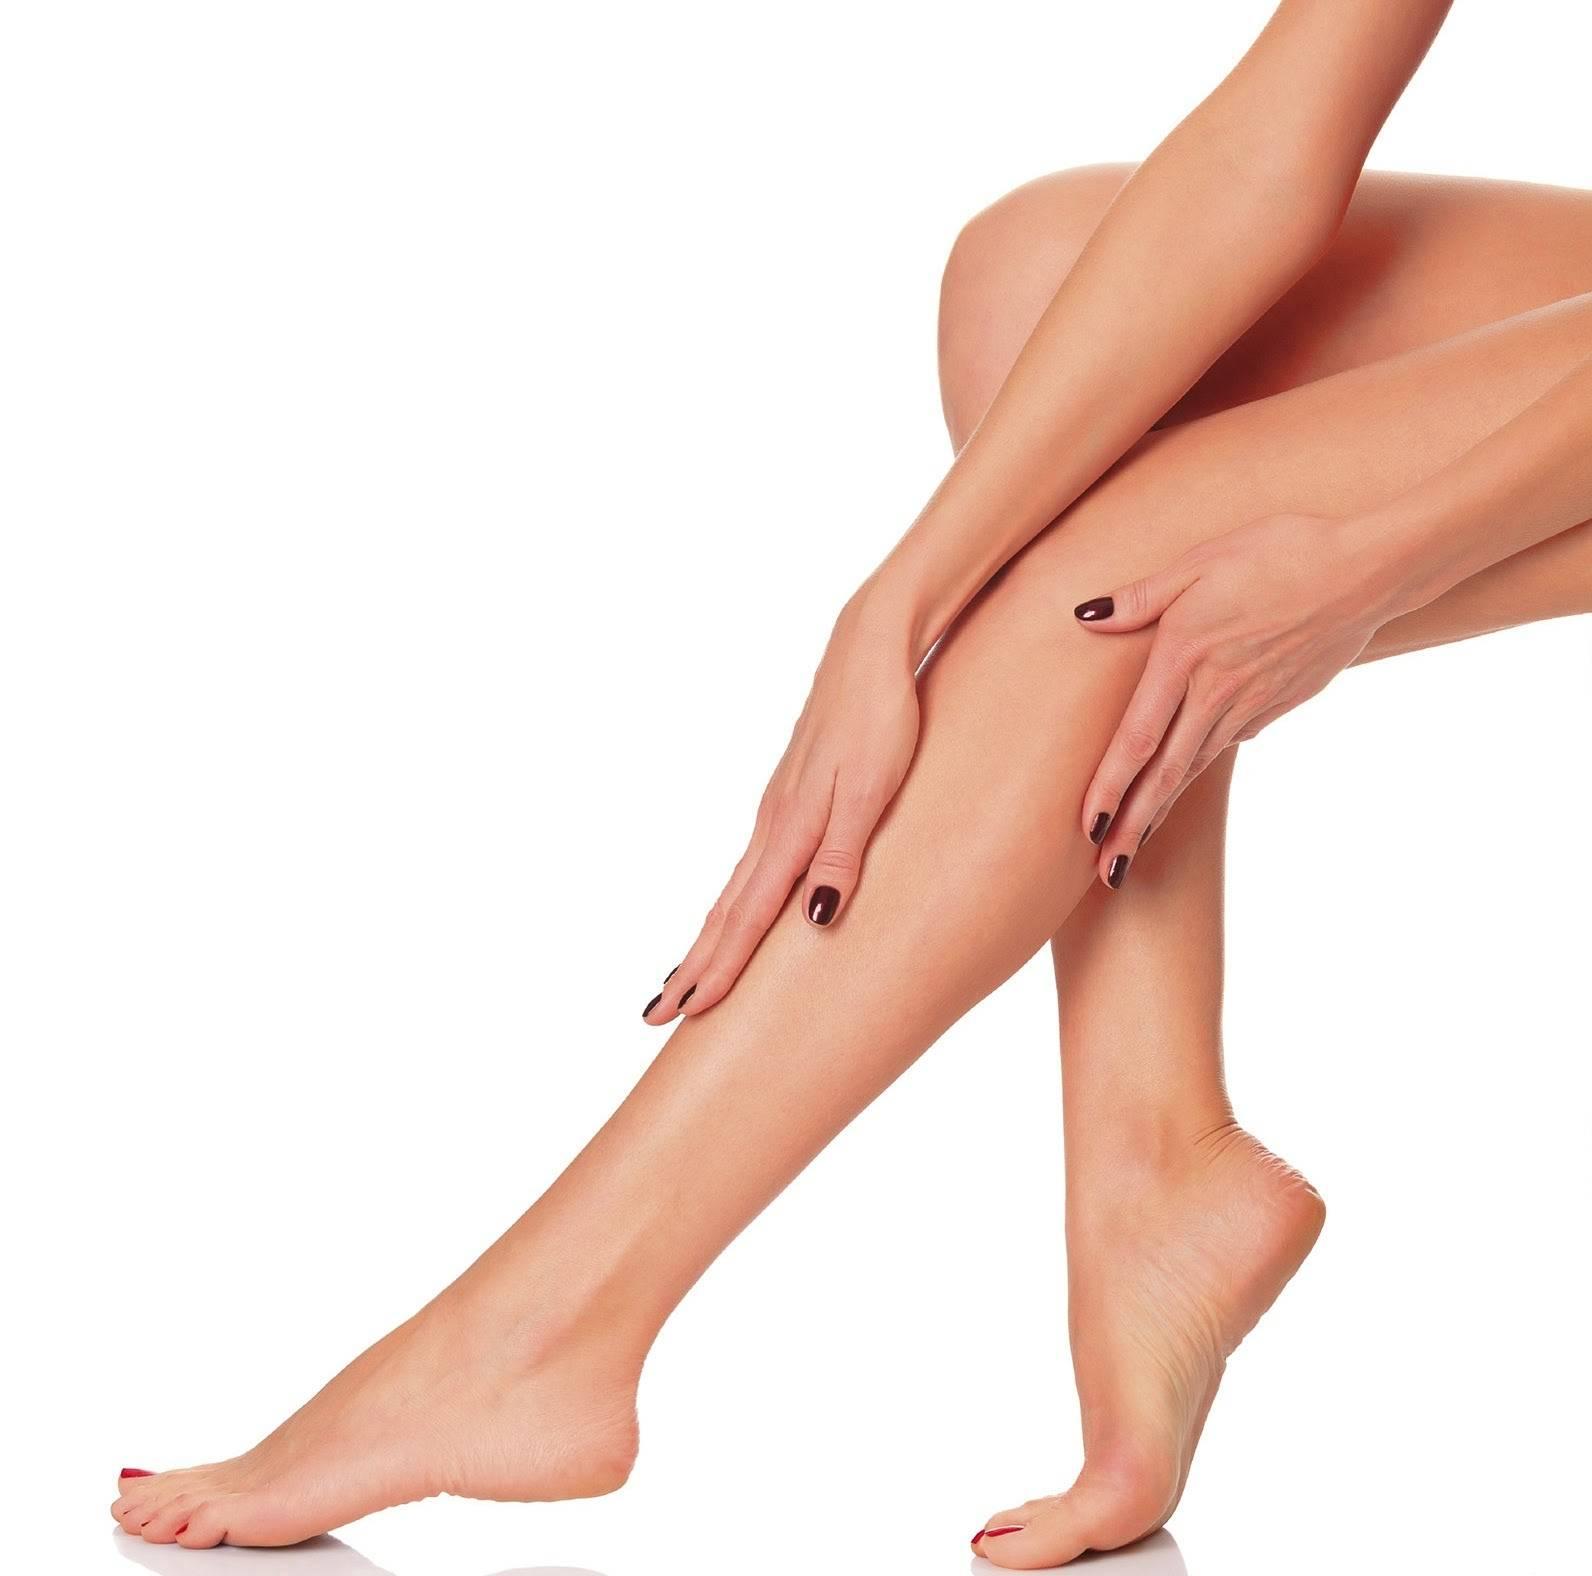 Đôi chân thon nhỏ là mơ ước của rất nhiều chị em, do vậy, cách giảm mỡ bắp chân nhanh nhất cũng được chị em ráo riết săn lùng.